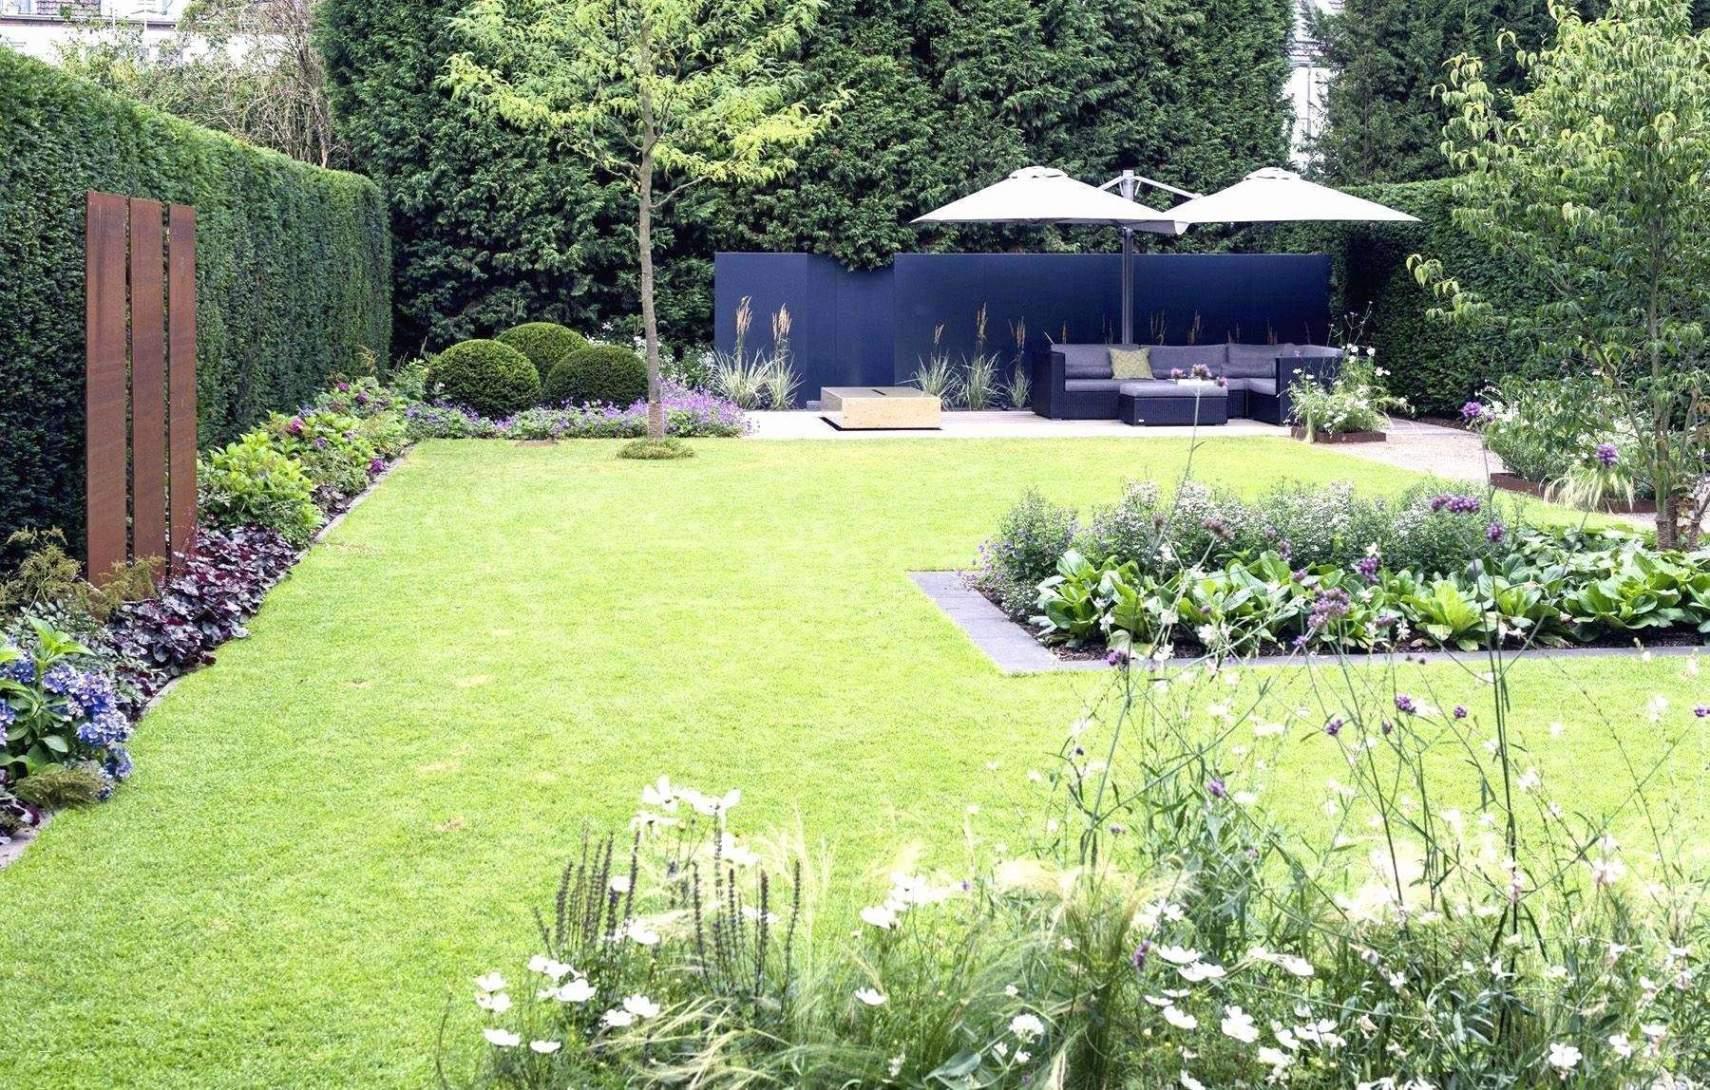 Vorgarten Gestalten Ideen Einzigartig 35 Elegant Feuerstelle Garten Reizend